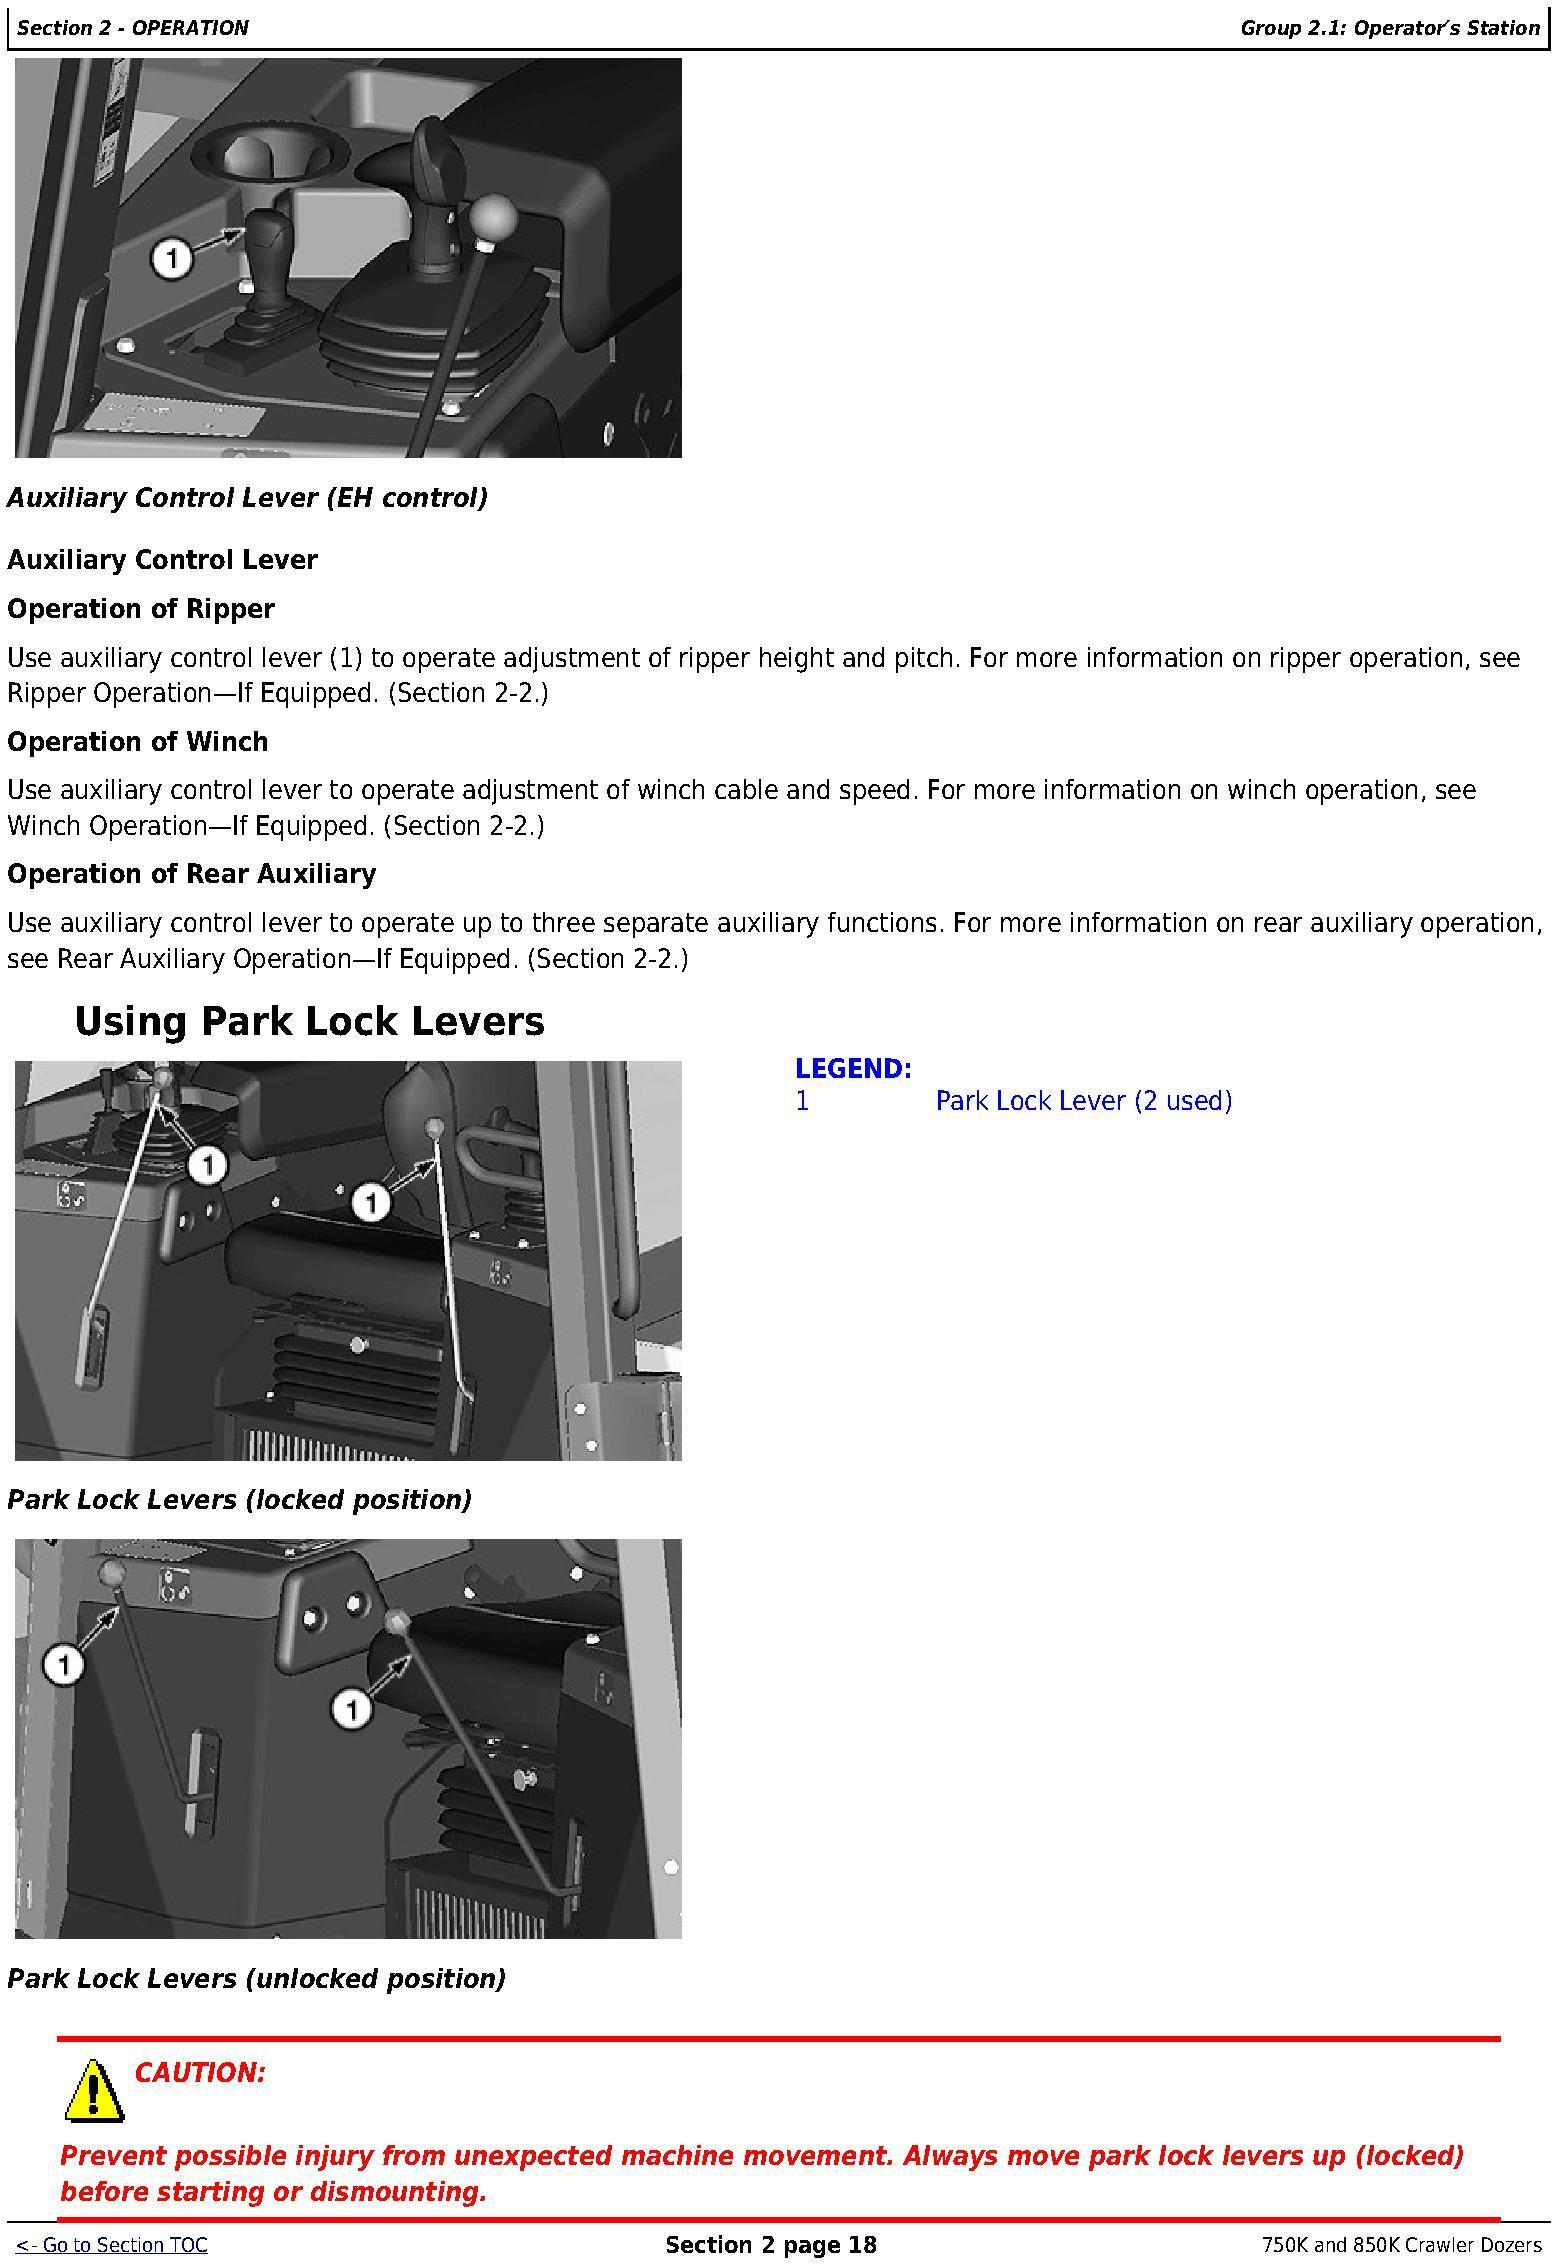 OMT355293X19 - John Deere 750K (SN. F271593-), 850K (SN. F271510-) Crawler Dozers Operator's Manual - 2